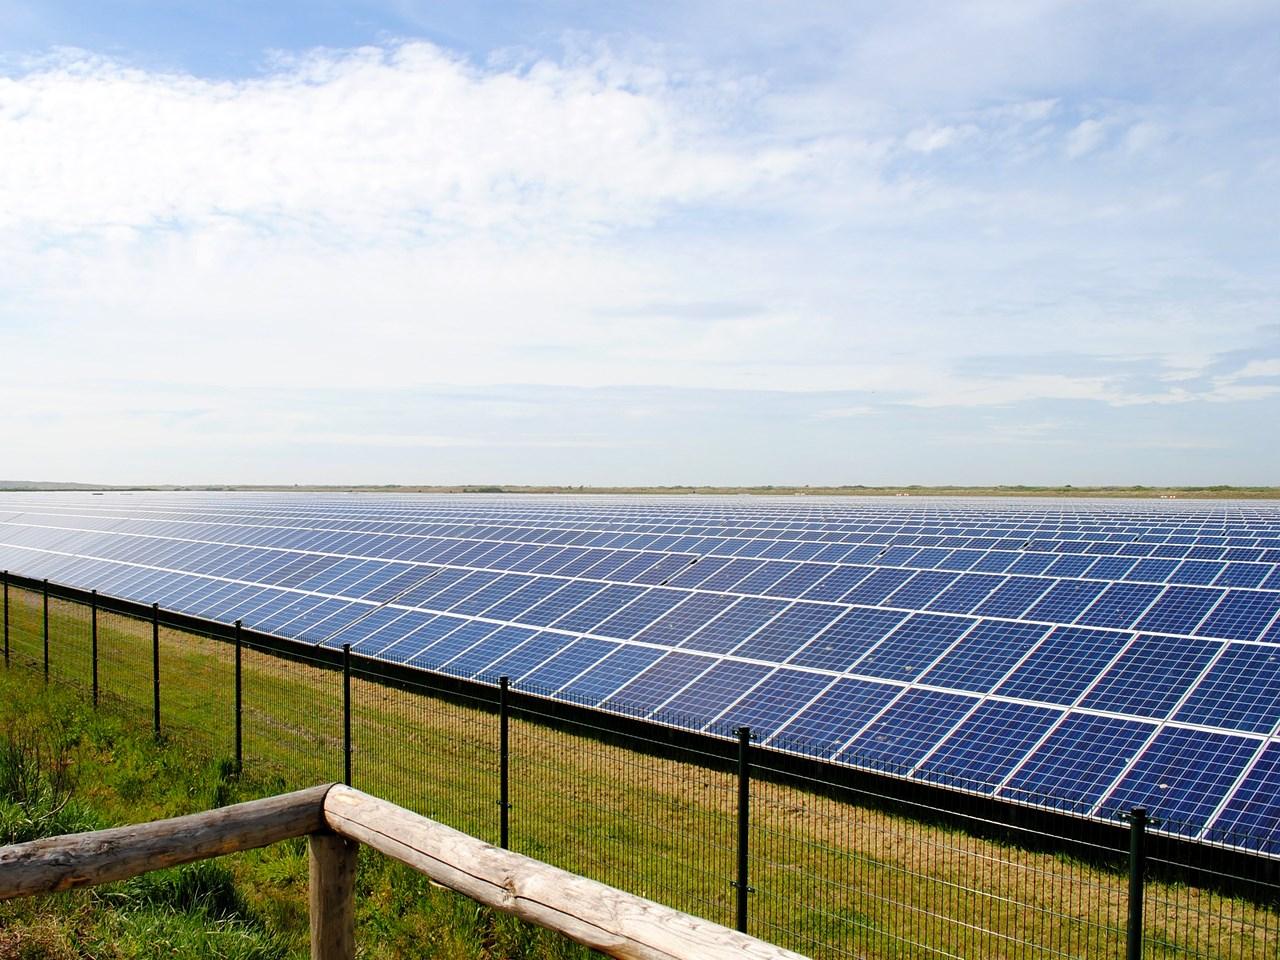 solar panel farm energy.jpg